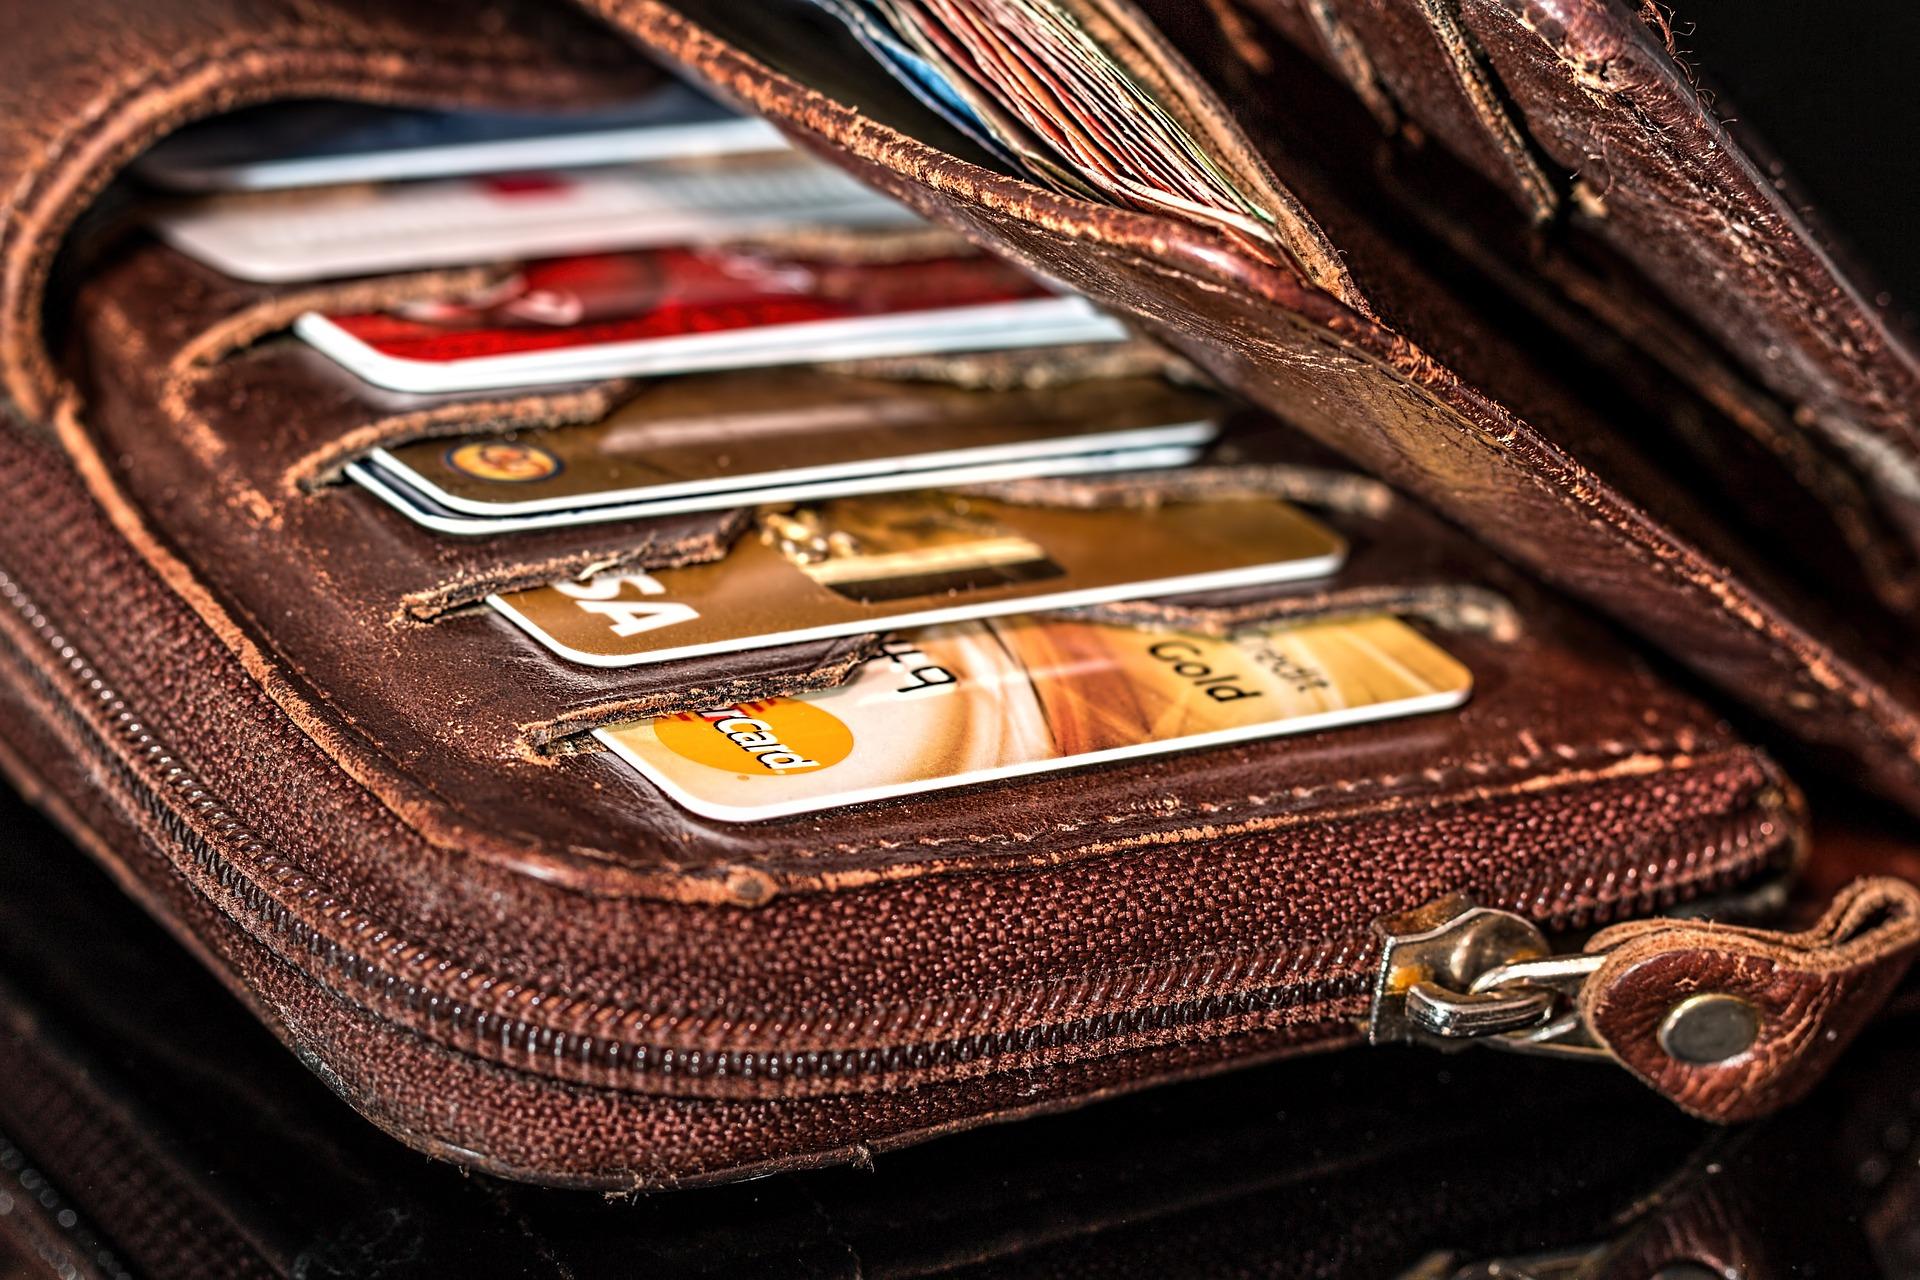 Cartão de fidelização do Continente já representa 90% das compras